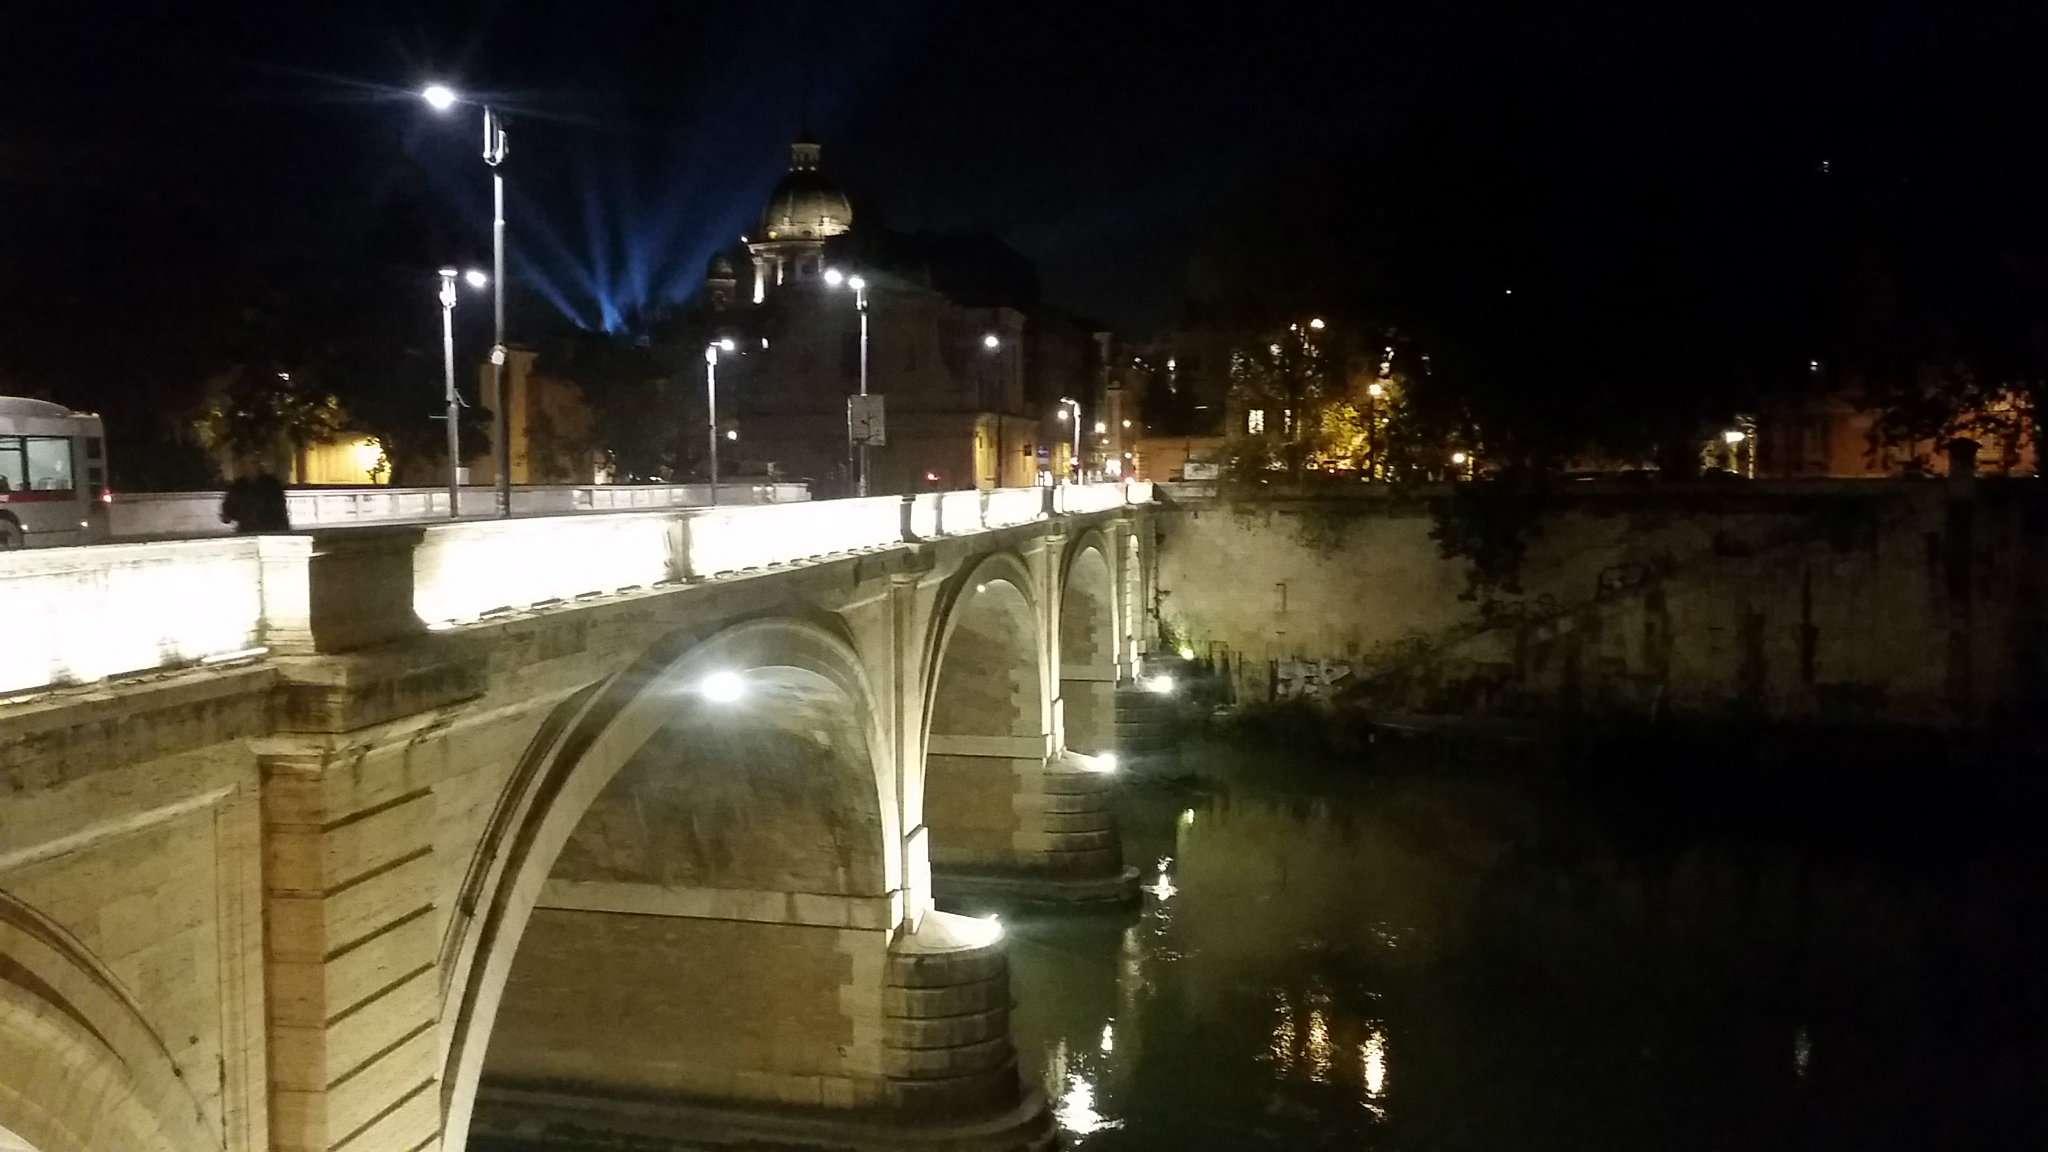 Appartamento in vendita a Roma, 8 locali, zona Zona: 1 . Centro storico, Trattative riservate | CambioCasa.it